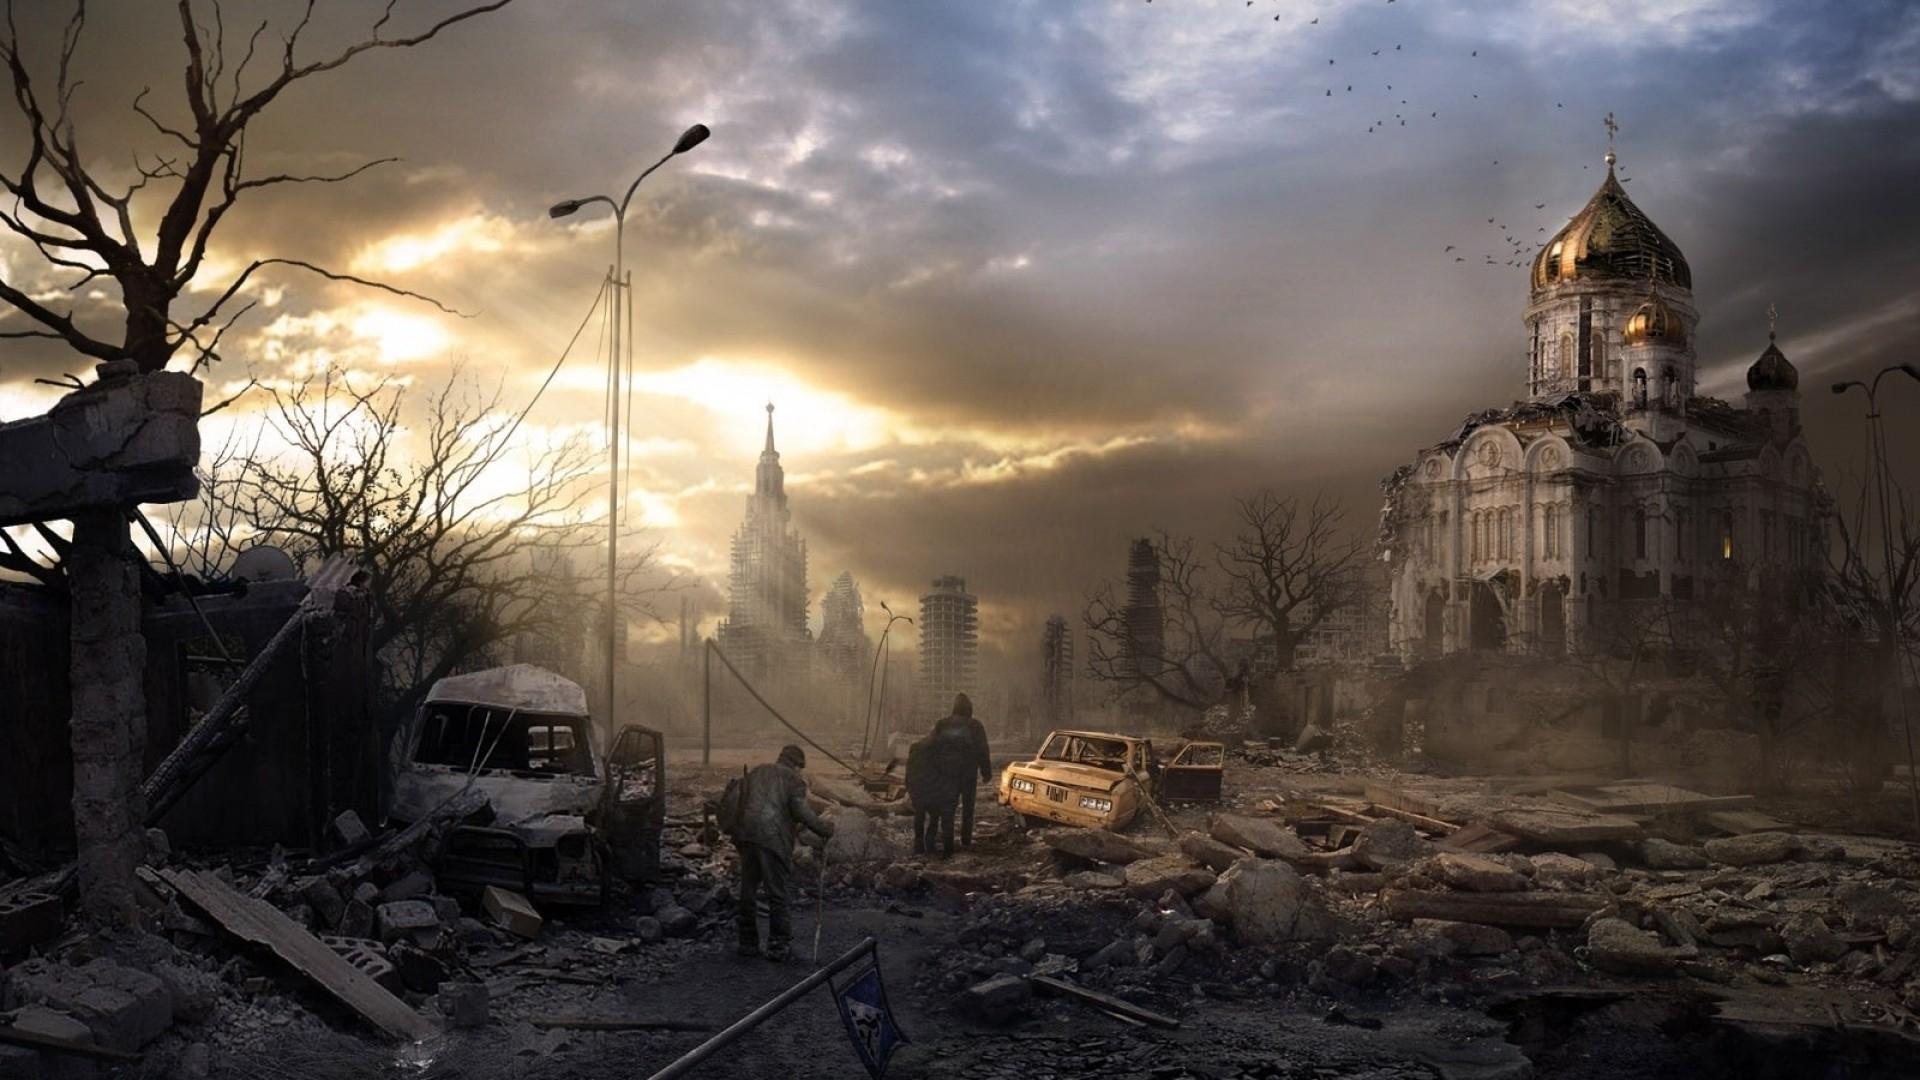 jeux vidéo — quelques suggestions de jeux post-apocalyptiquesl'antre